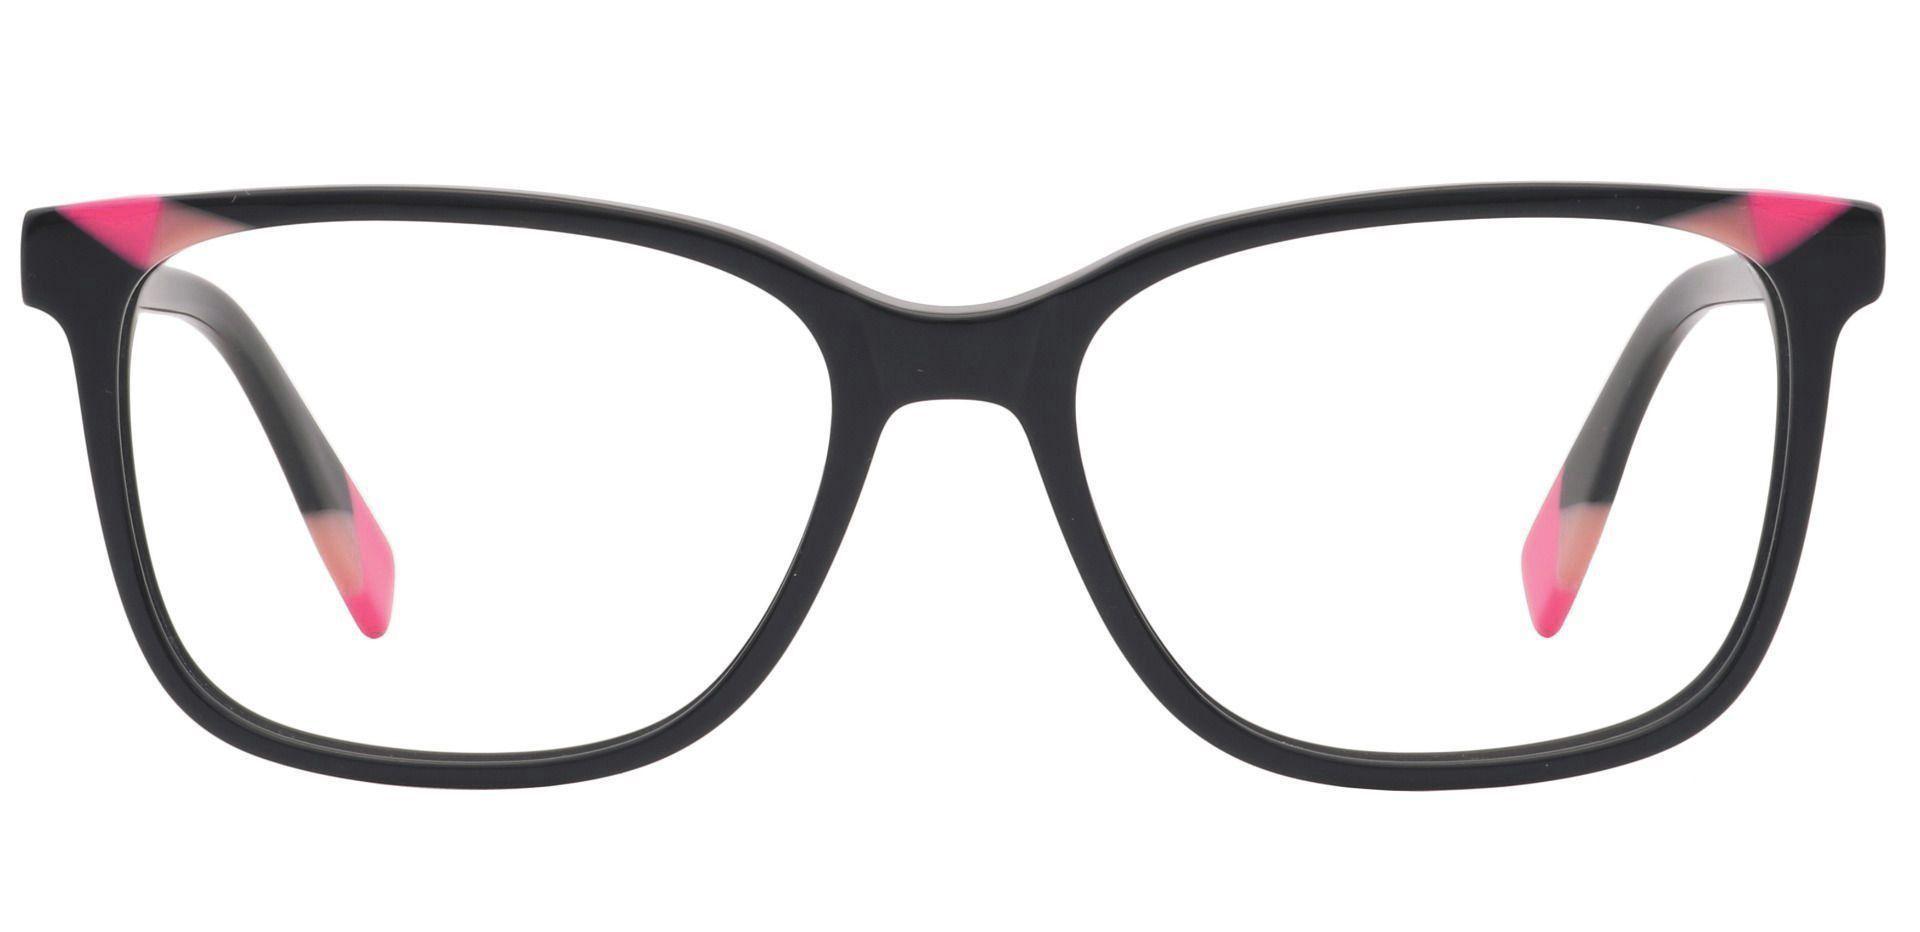 Odessa Square Prescription Glasses - Red